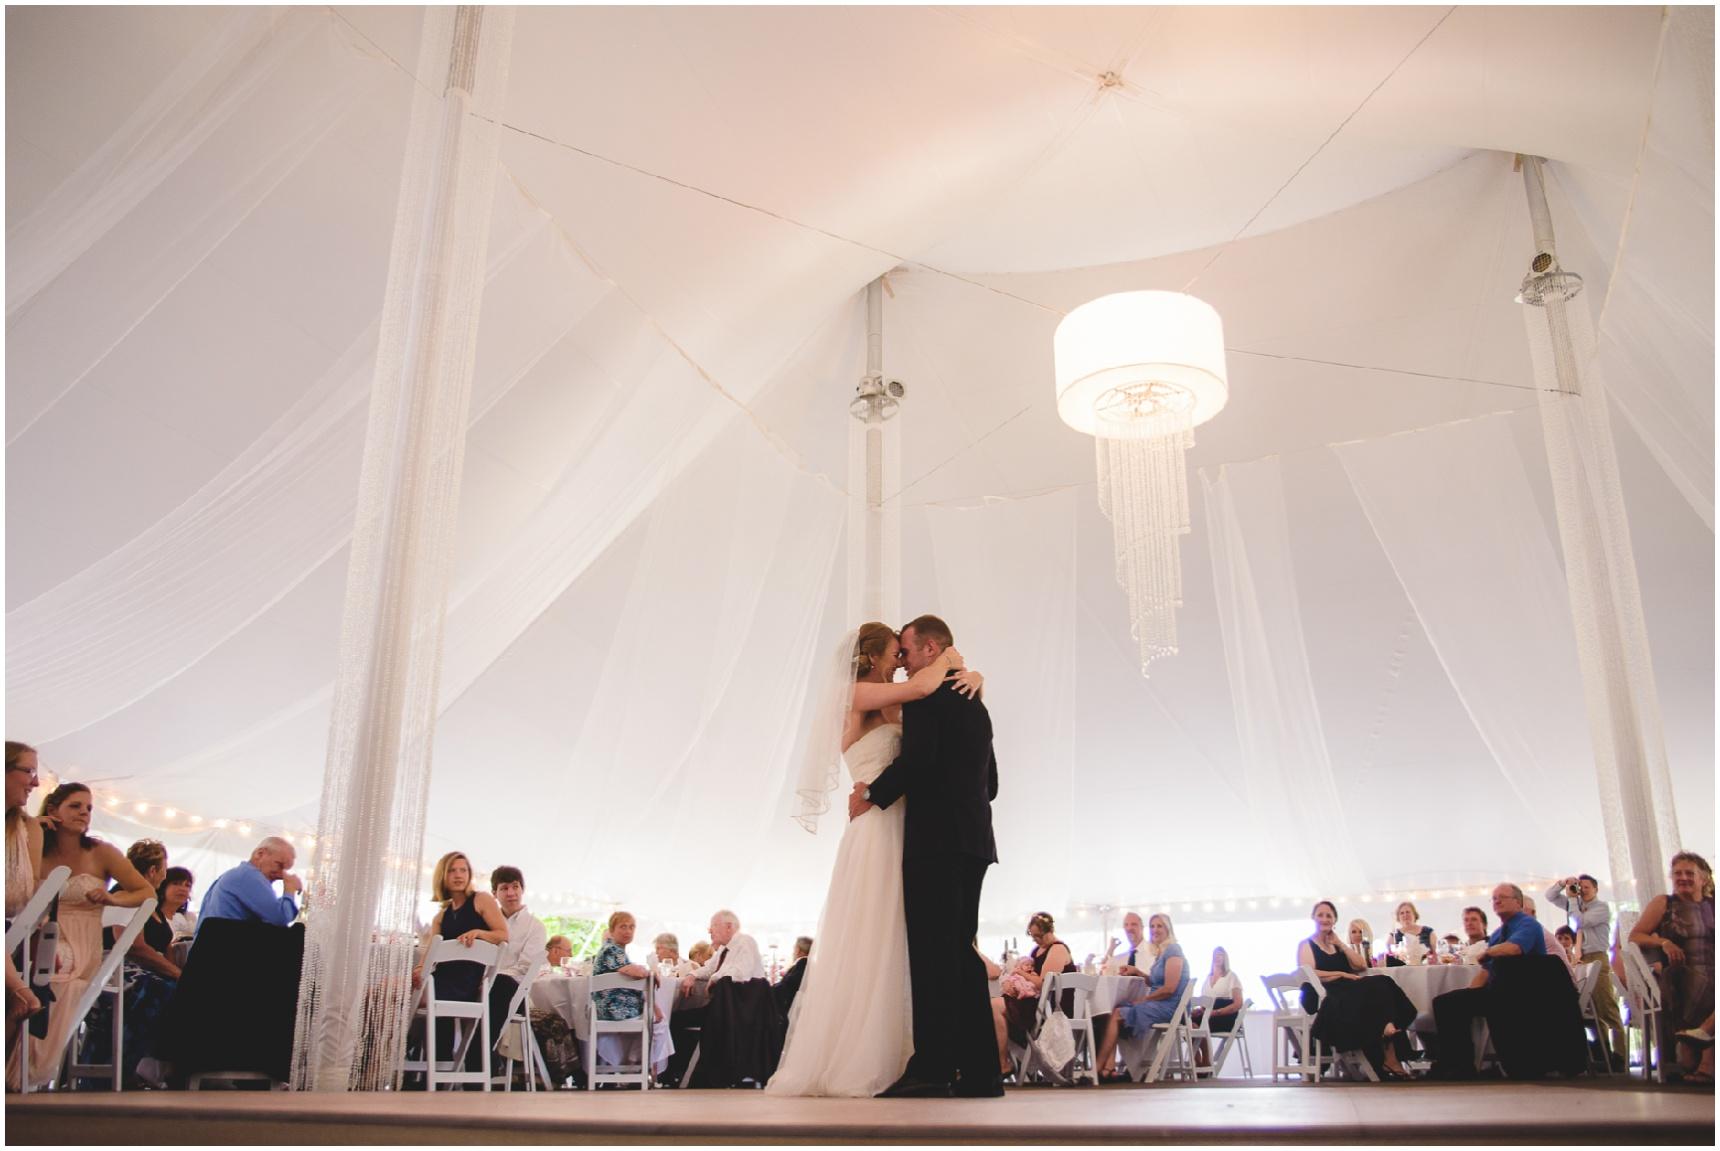 Buffalo-Avanti-Wedding-Photographer_058.jpg